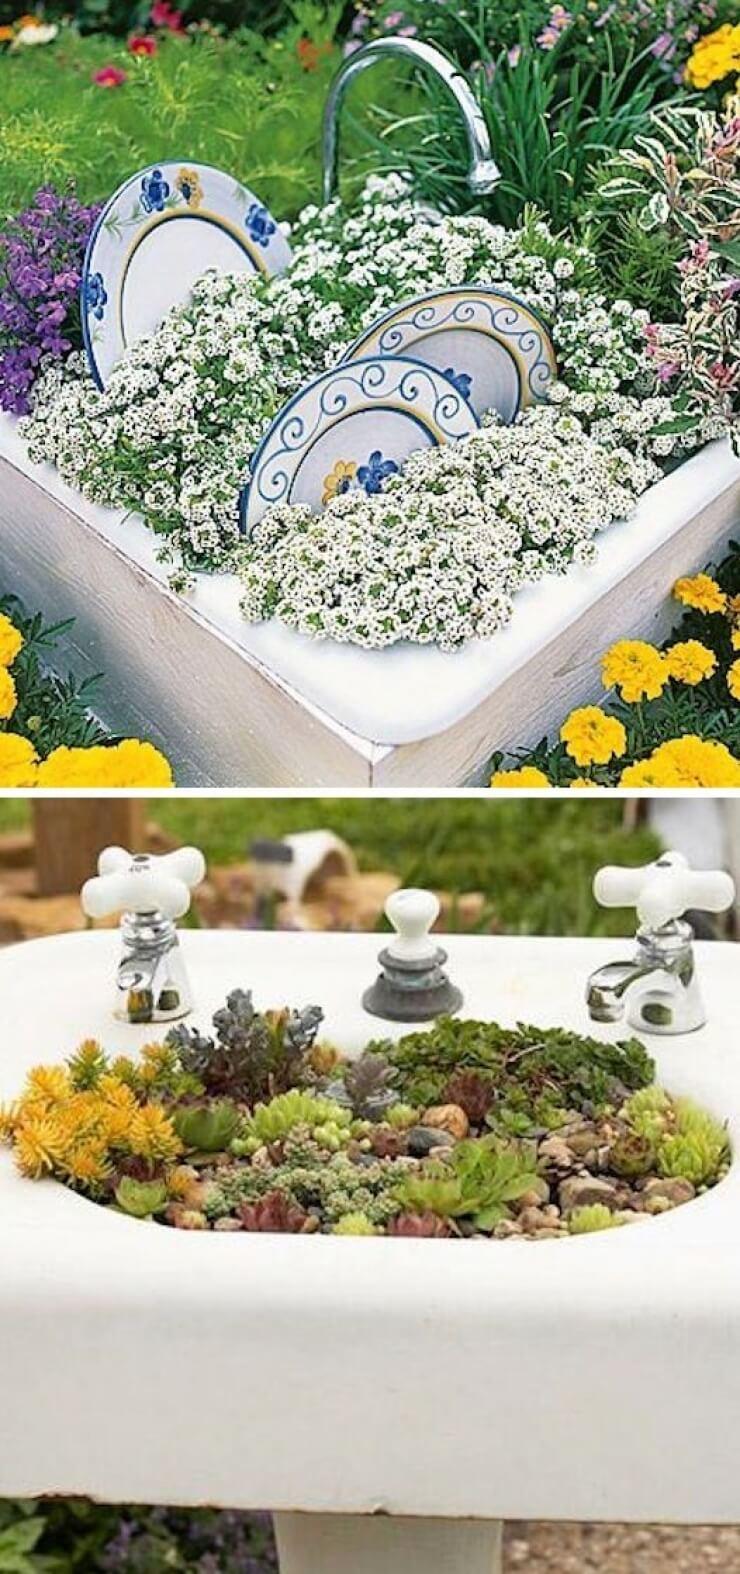 DIY Vintage Sink Garden Planter